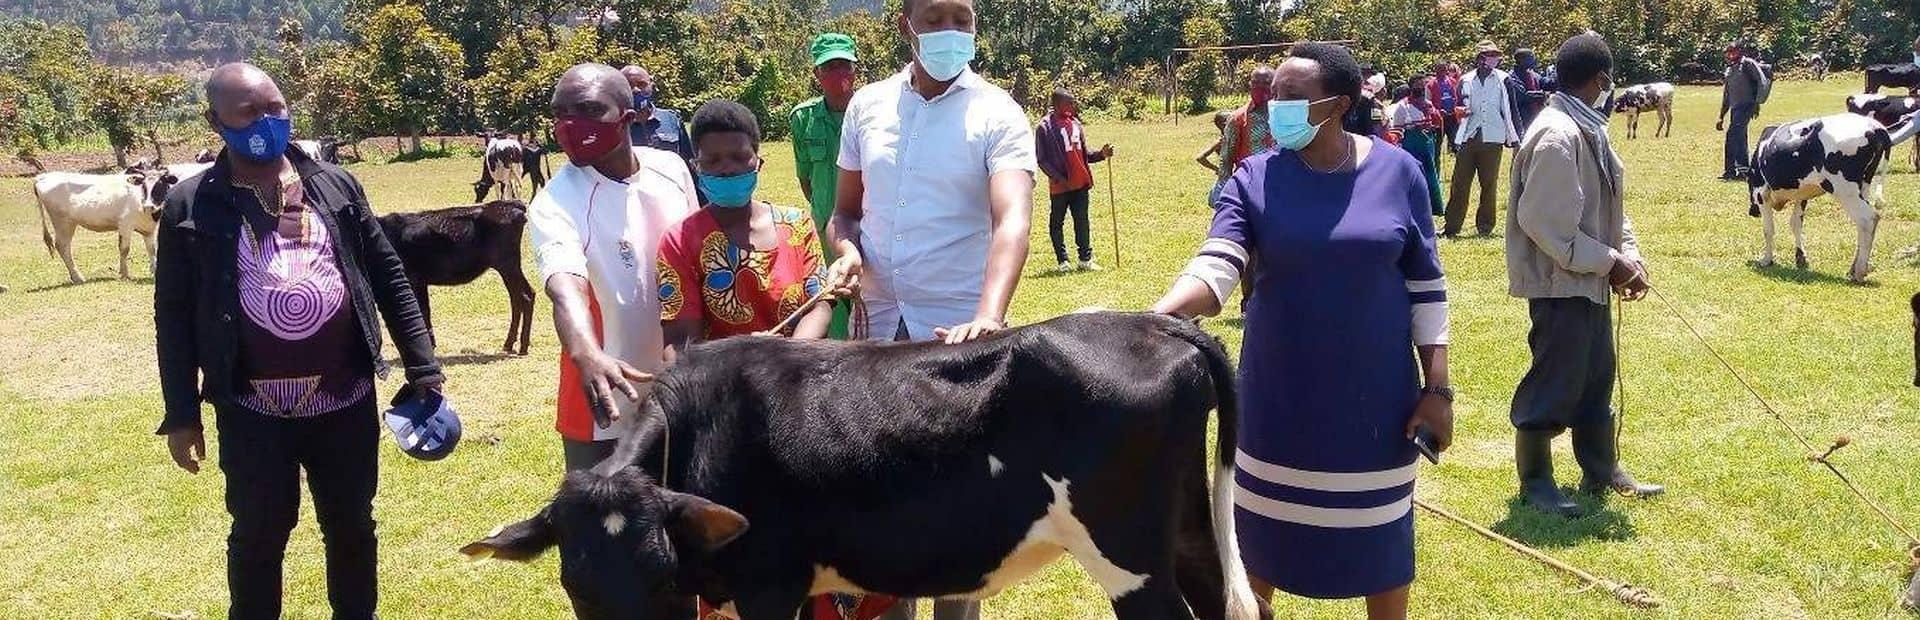 Koe in Rwanda Heifer